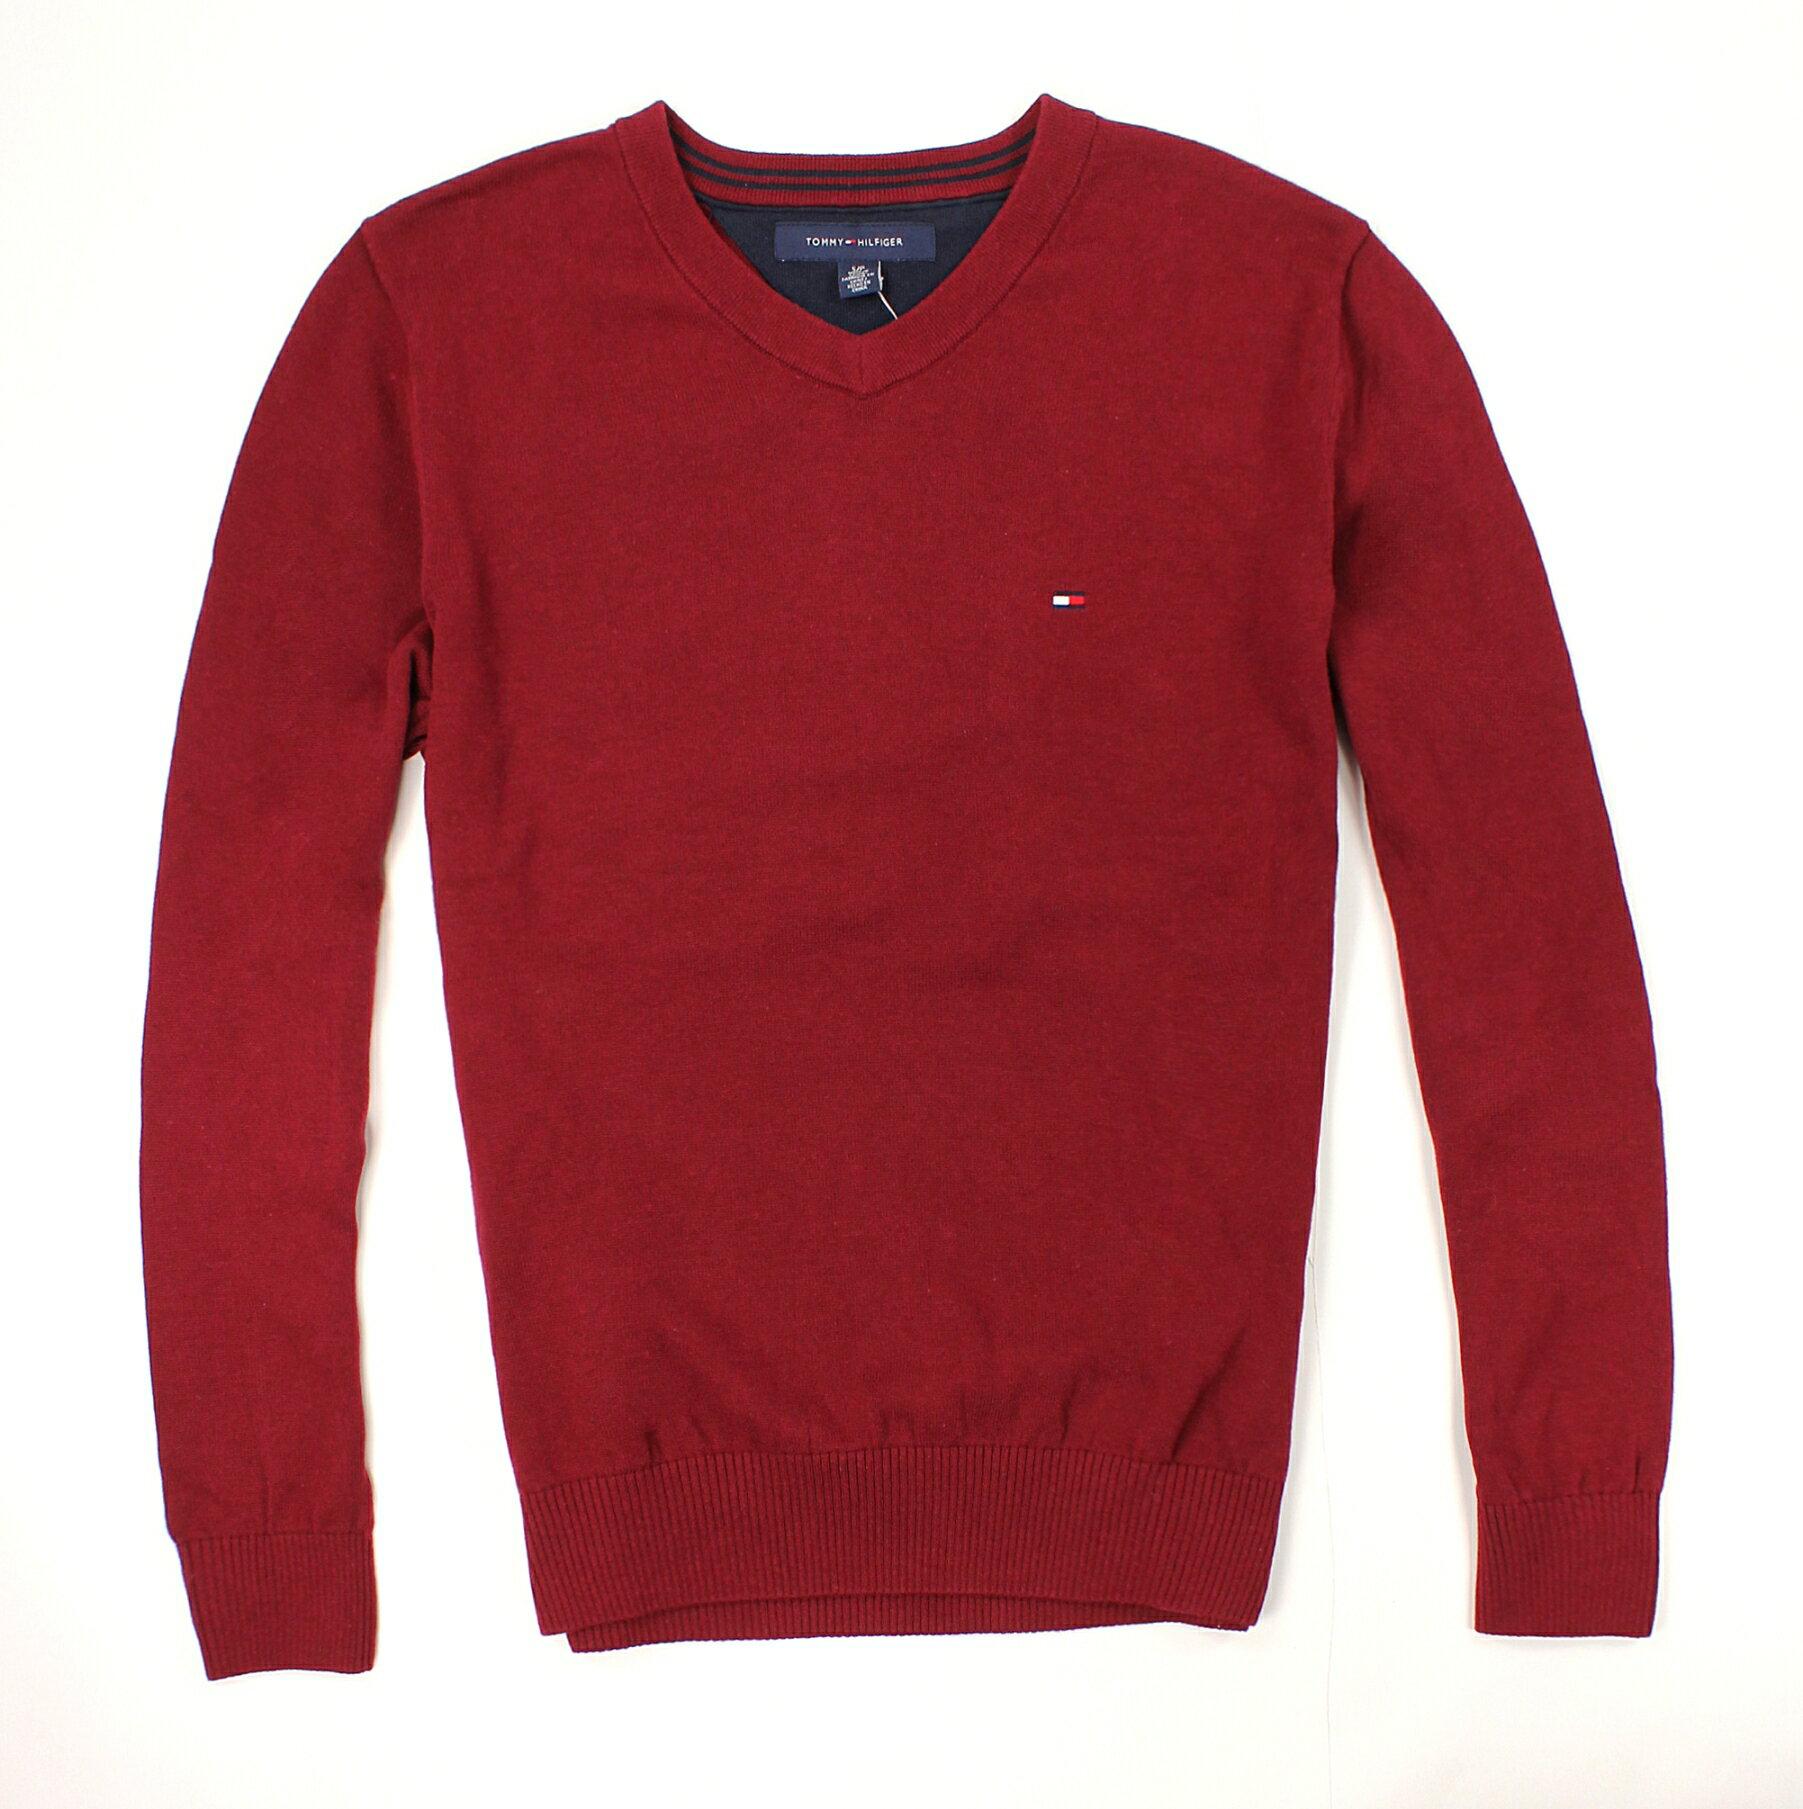 美國百分百【全新真品】Tommy Hilfiger 針織衫 TH 線衫 V領 素面 純棉 男衣 酒紅 S M L XL號 B606